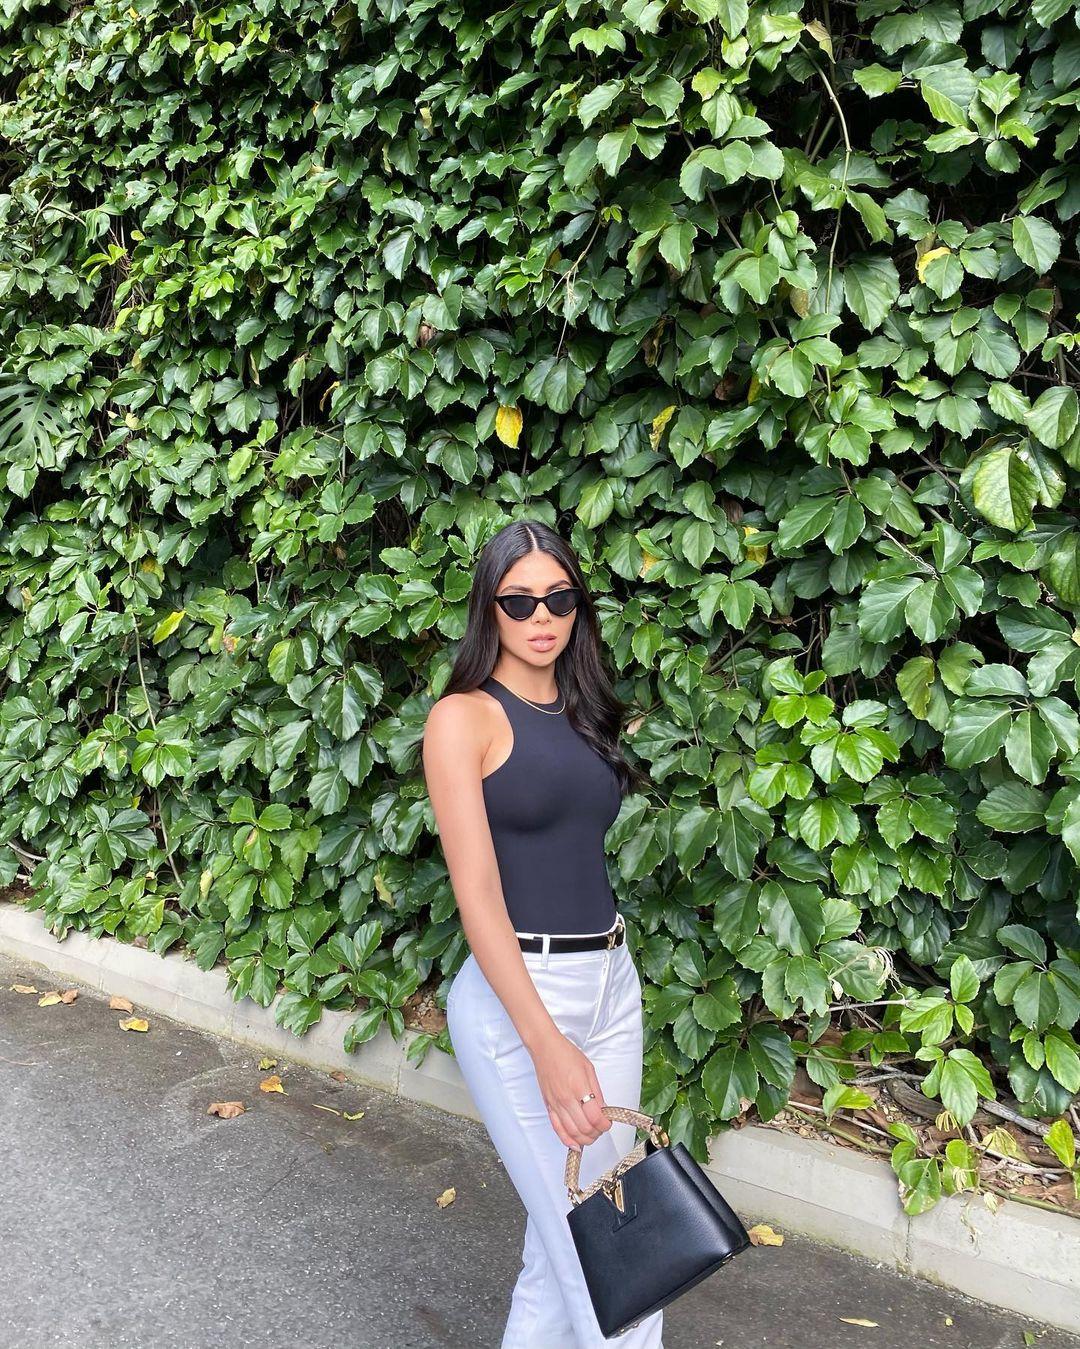 Luisa-Fernanda-Castano-Wallpapers-Insta-Fit-Bio-7